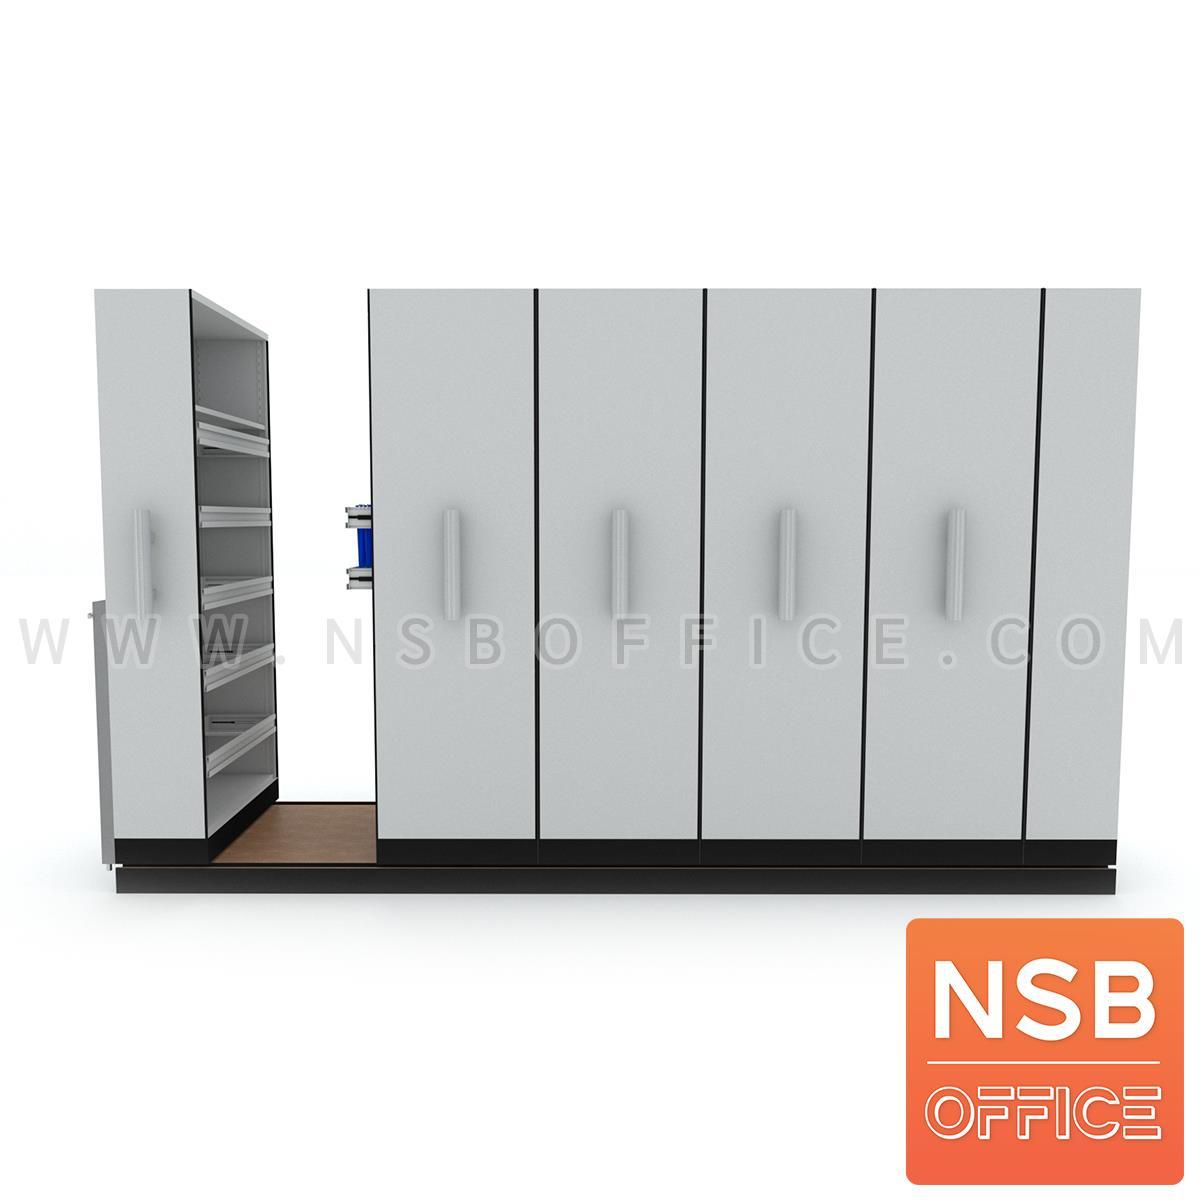 ตู้รางเลื่อนแฟ้มแขวน ระบบมือผลัก  4, 6, 8, 10, 12, 14, 16 ตู้ (เหล็กหนา 0.7 มม.)